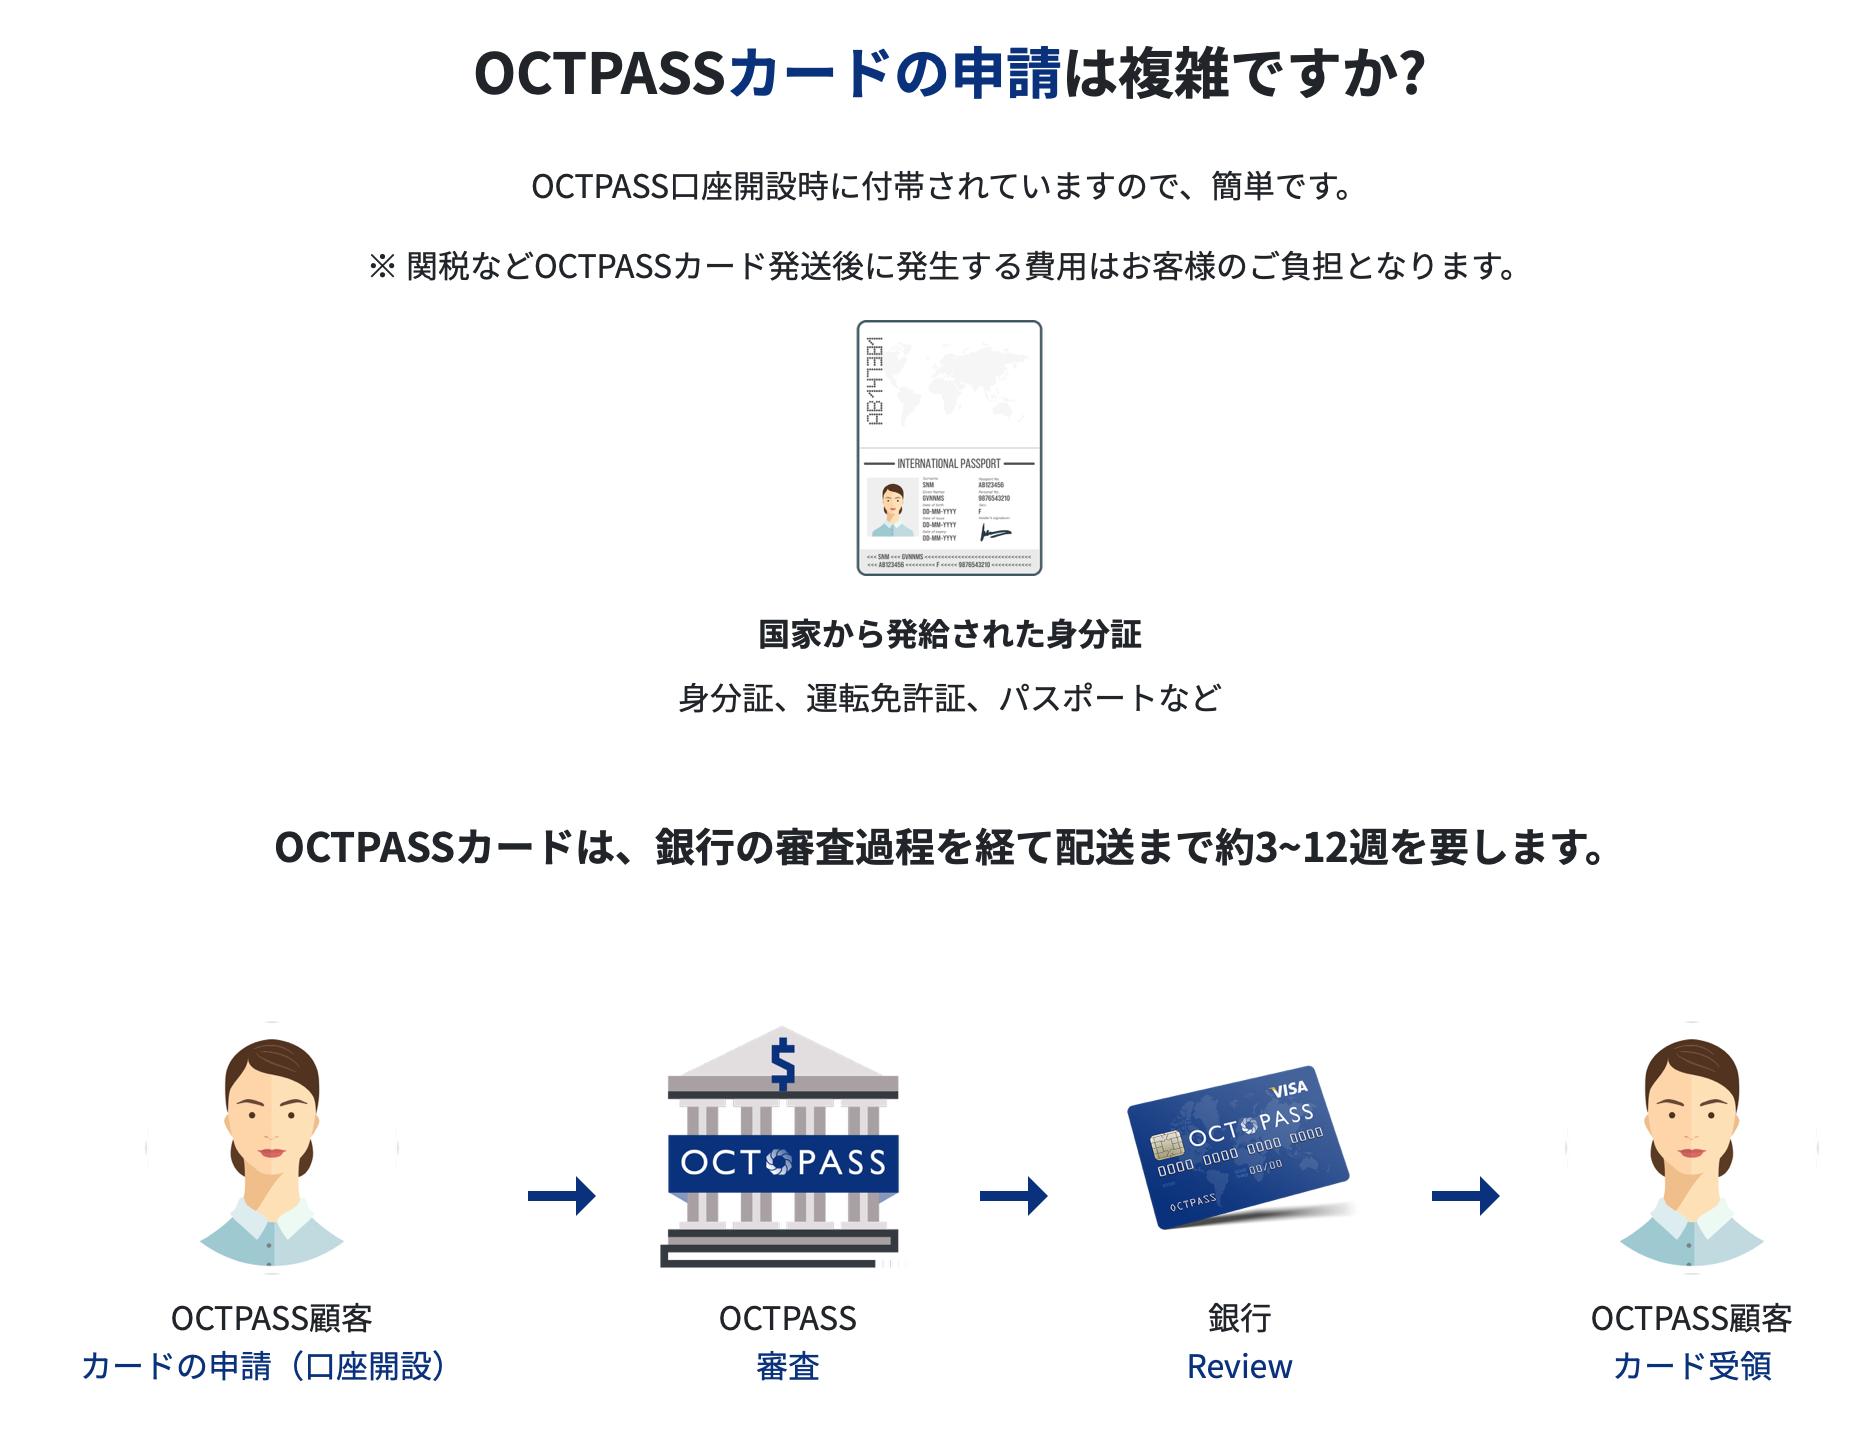 OCTPASSカードの申請は複雑ですか? OCTPASS口座開設時に付帯されていますので、簡単です。 ※ 関税などOCTPASSカード発送後に発生する費用はお客様のご負担となります。 国家から発給された身分証 身分証、運転免許証、パスポートなど OCTPASSカードは、銀行の審査過程を経て配送まで約3~12週を要します。